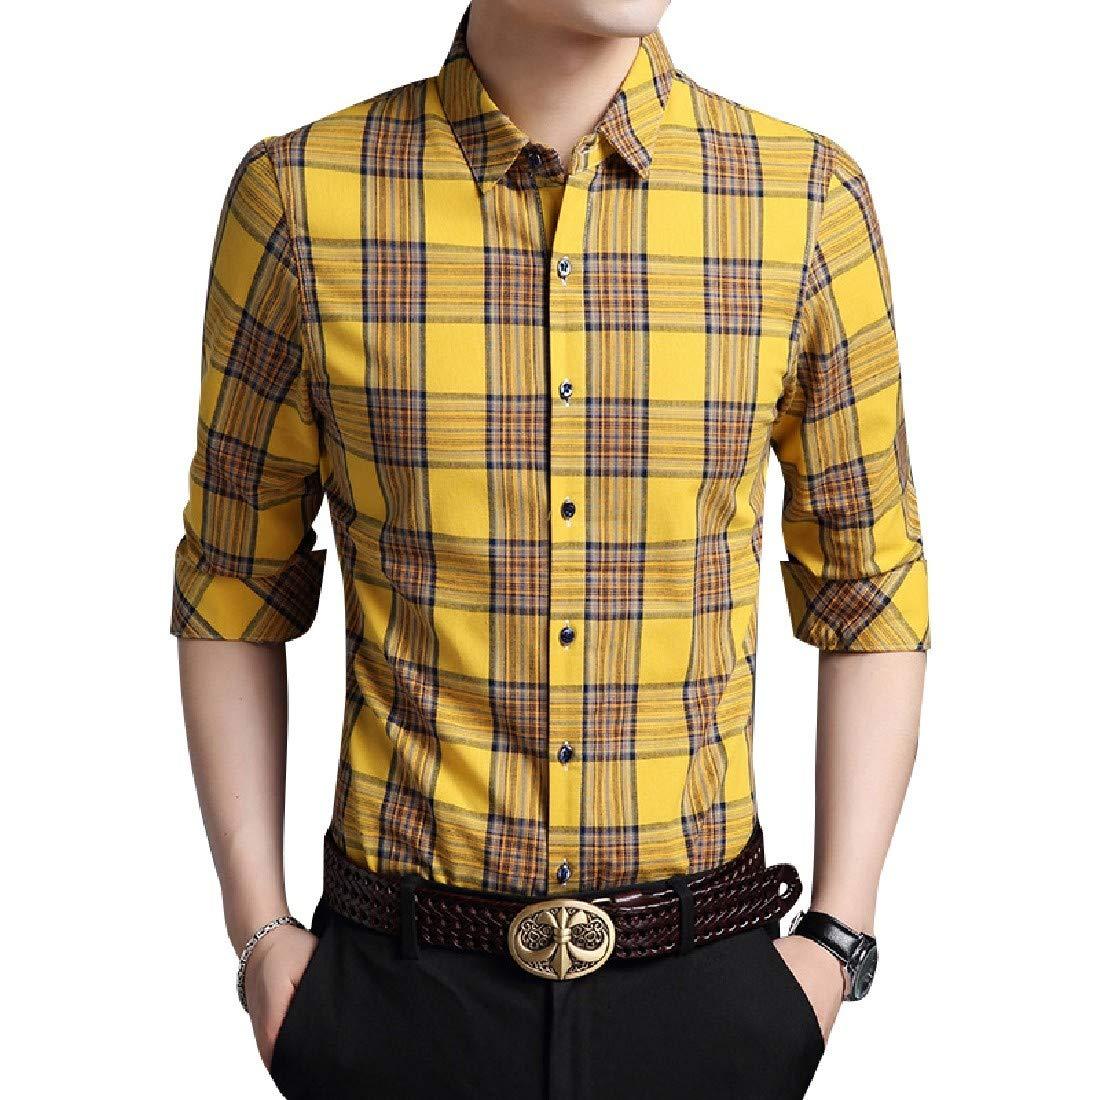 YUNY Mens Plaid Stylish Long Sleeve Button Down Dress Shirt 1 L